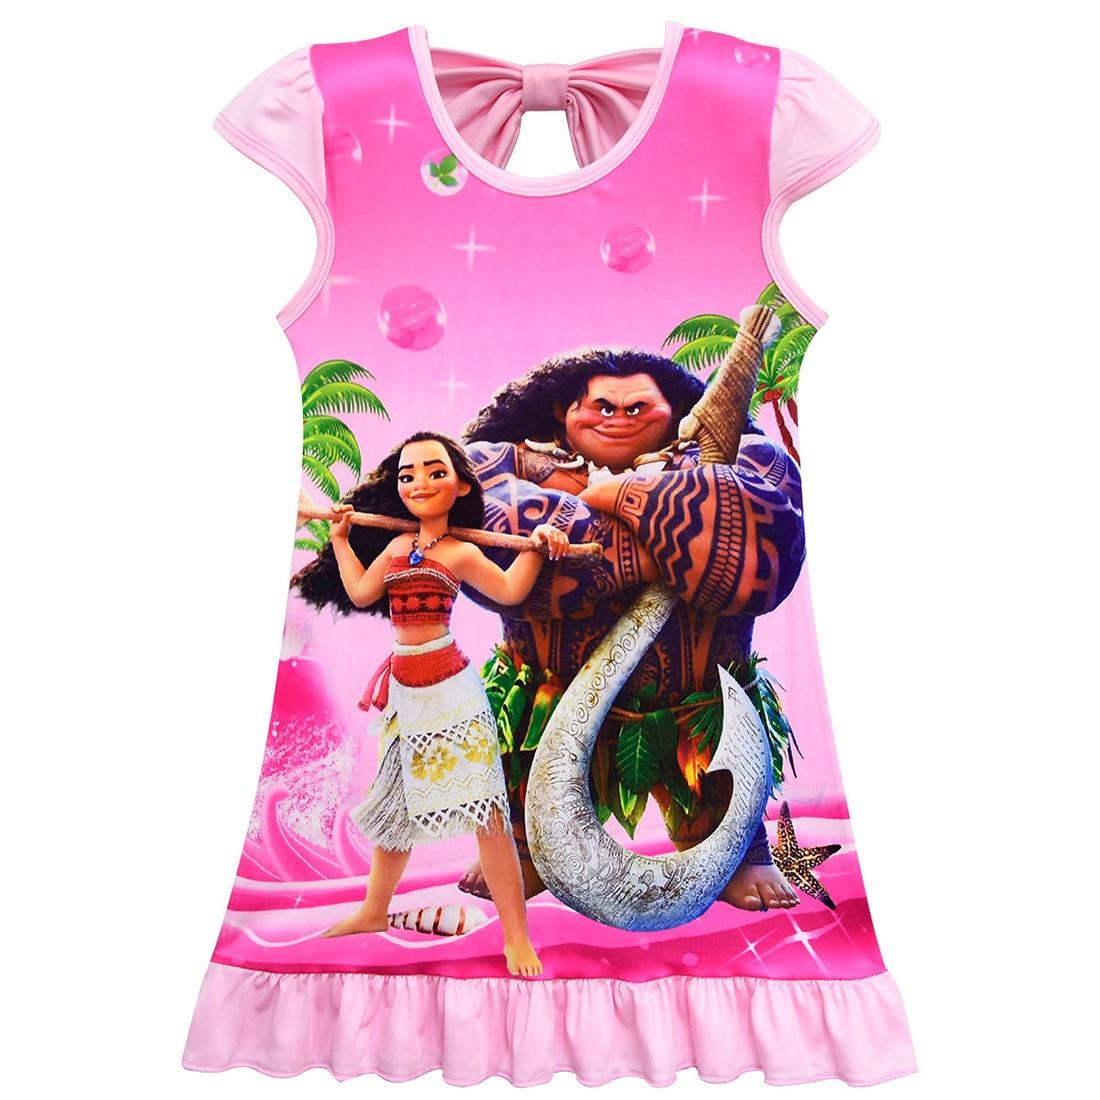 52038f5ca 2018 Moana mascota cerdo niños vestidos para niñas princesa cumpleaños  fiesta Vestido niños Elsa Anna disfraz niños ropa Vestido vaiana